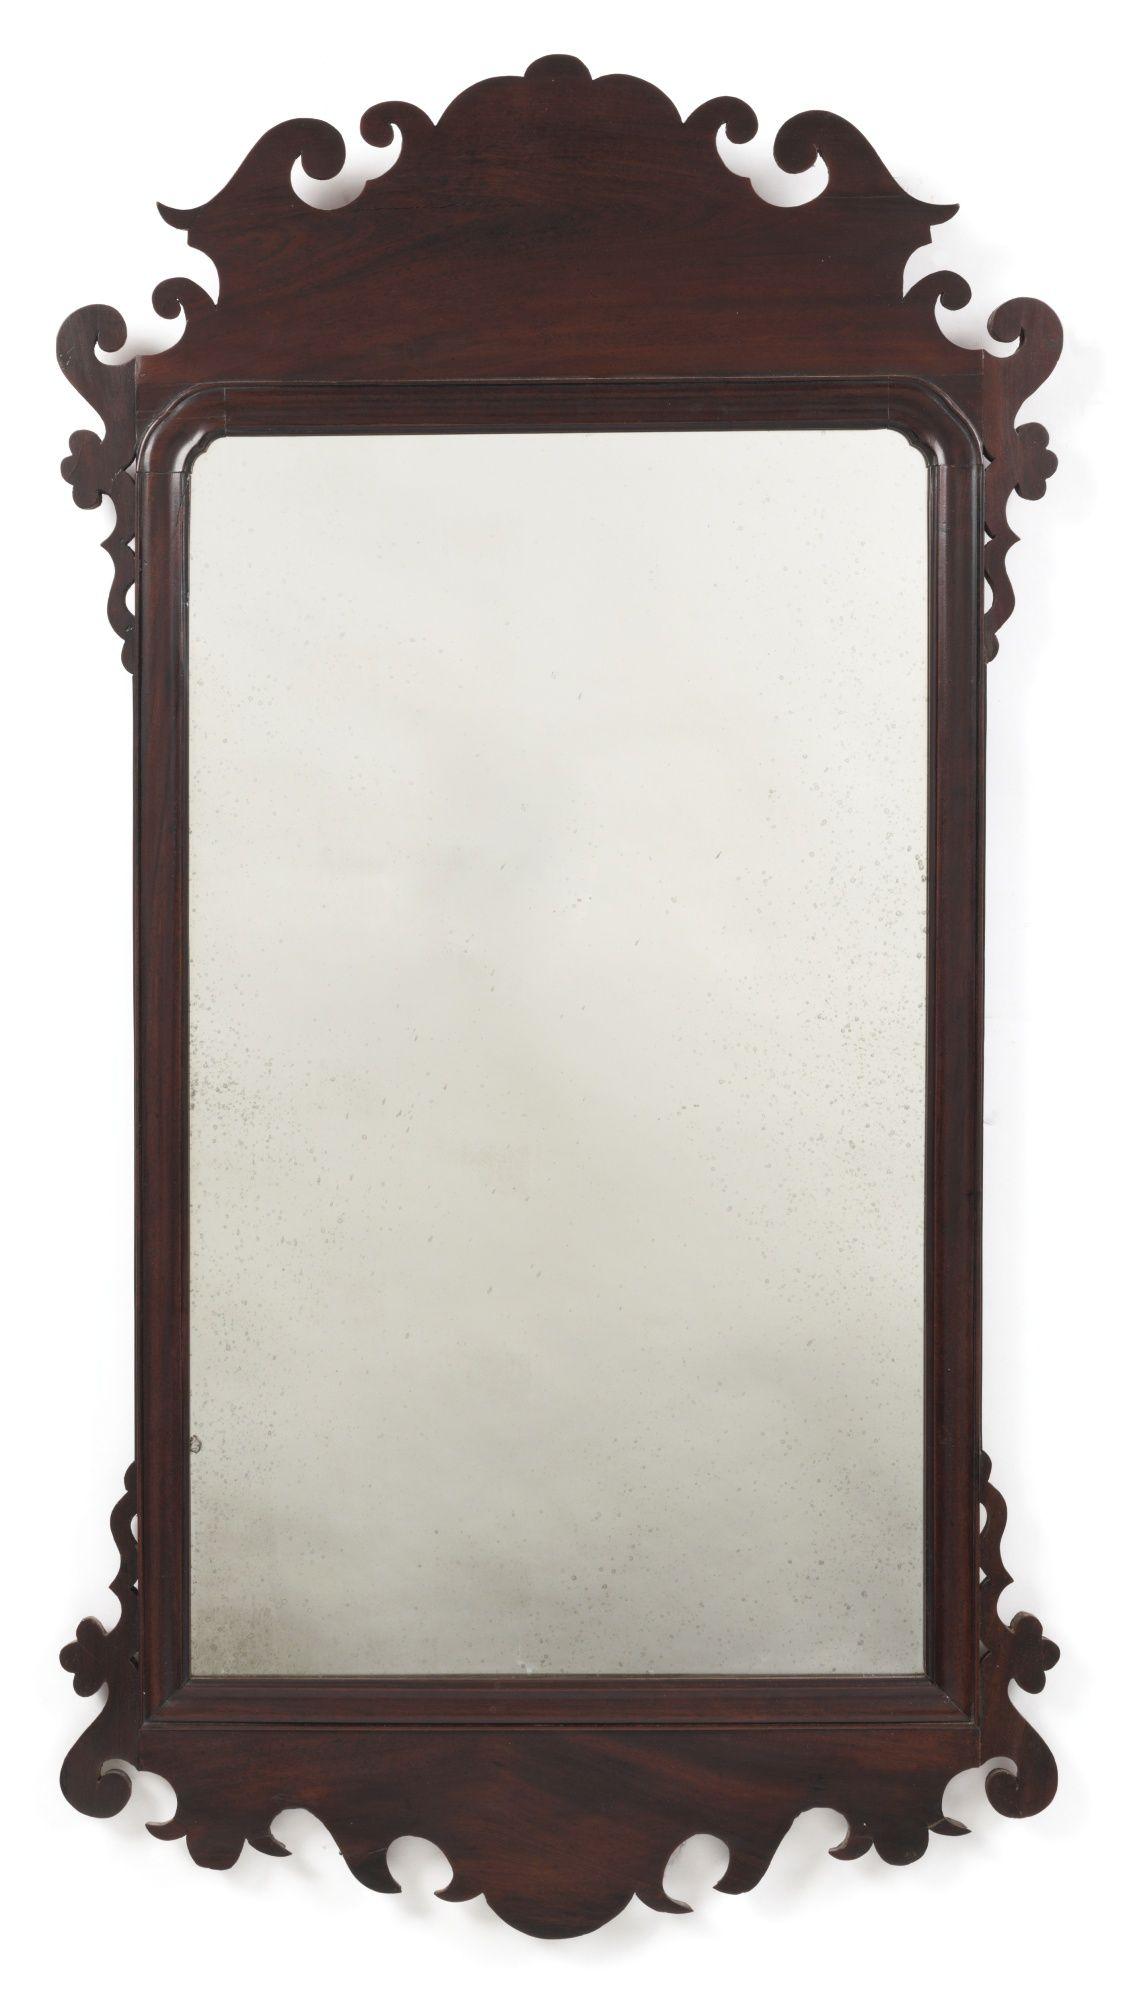 Looking Mirror Designs